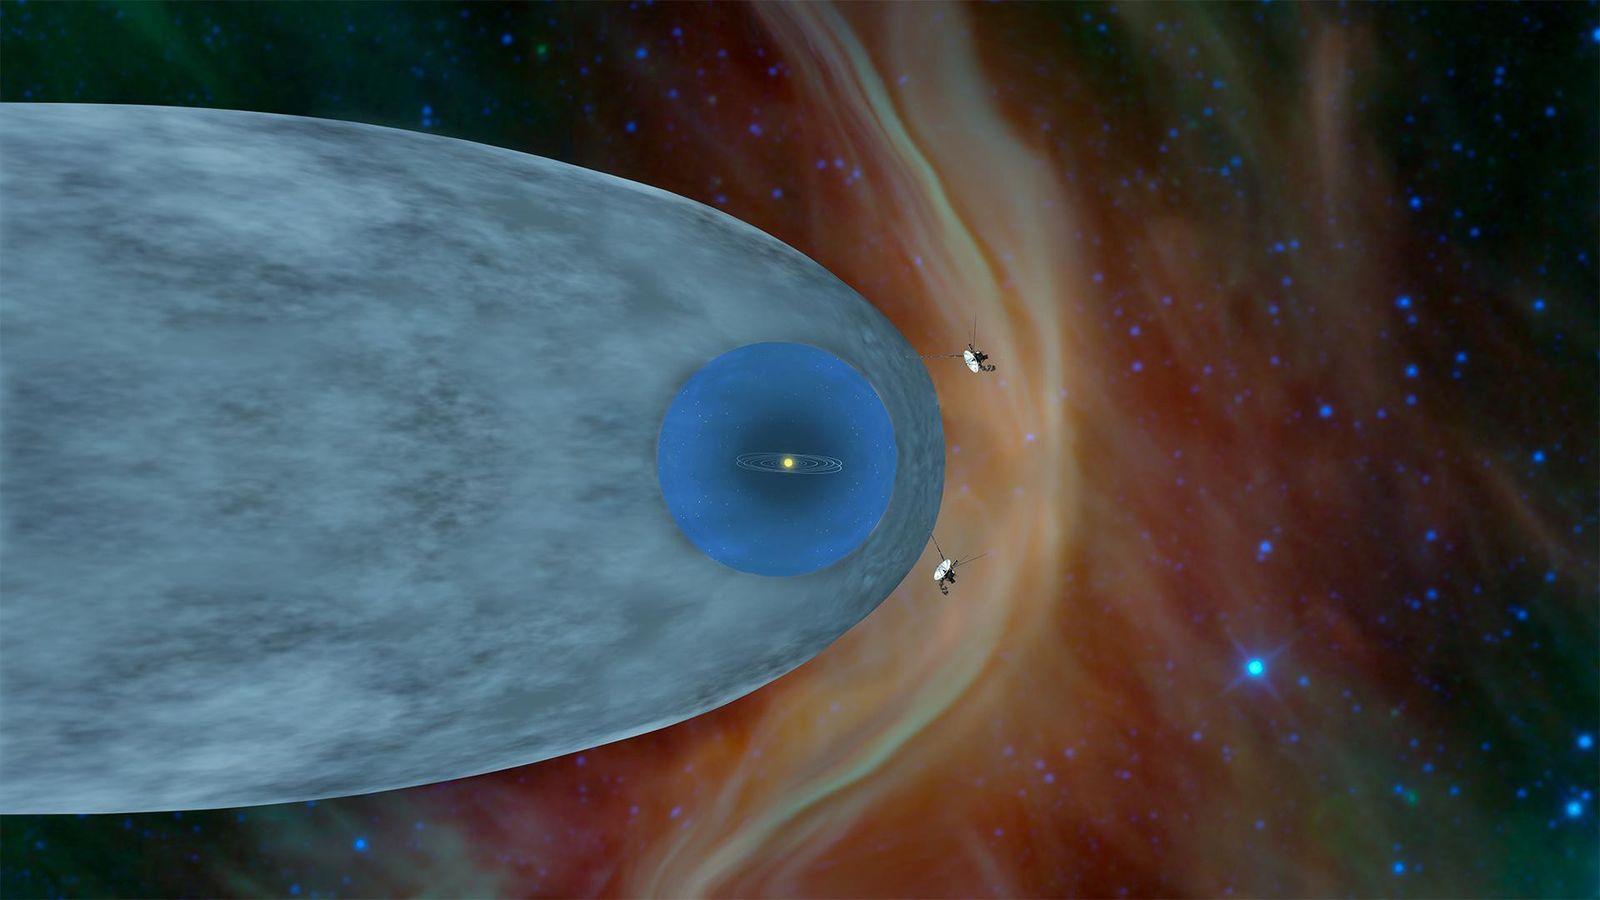 Una ilustración muestra la posición de las sondas Voyager 1 y Voyager 2 de la NASA ...